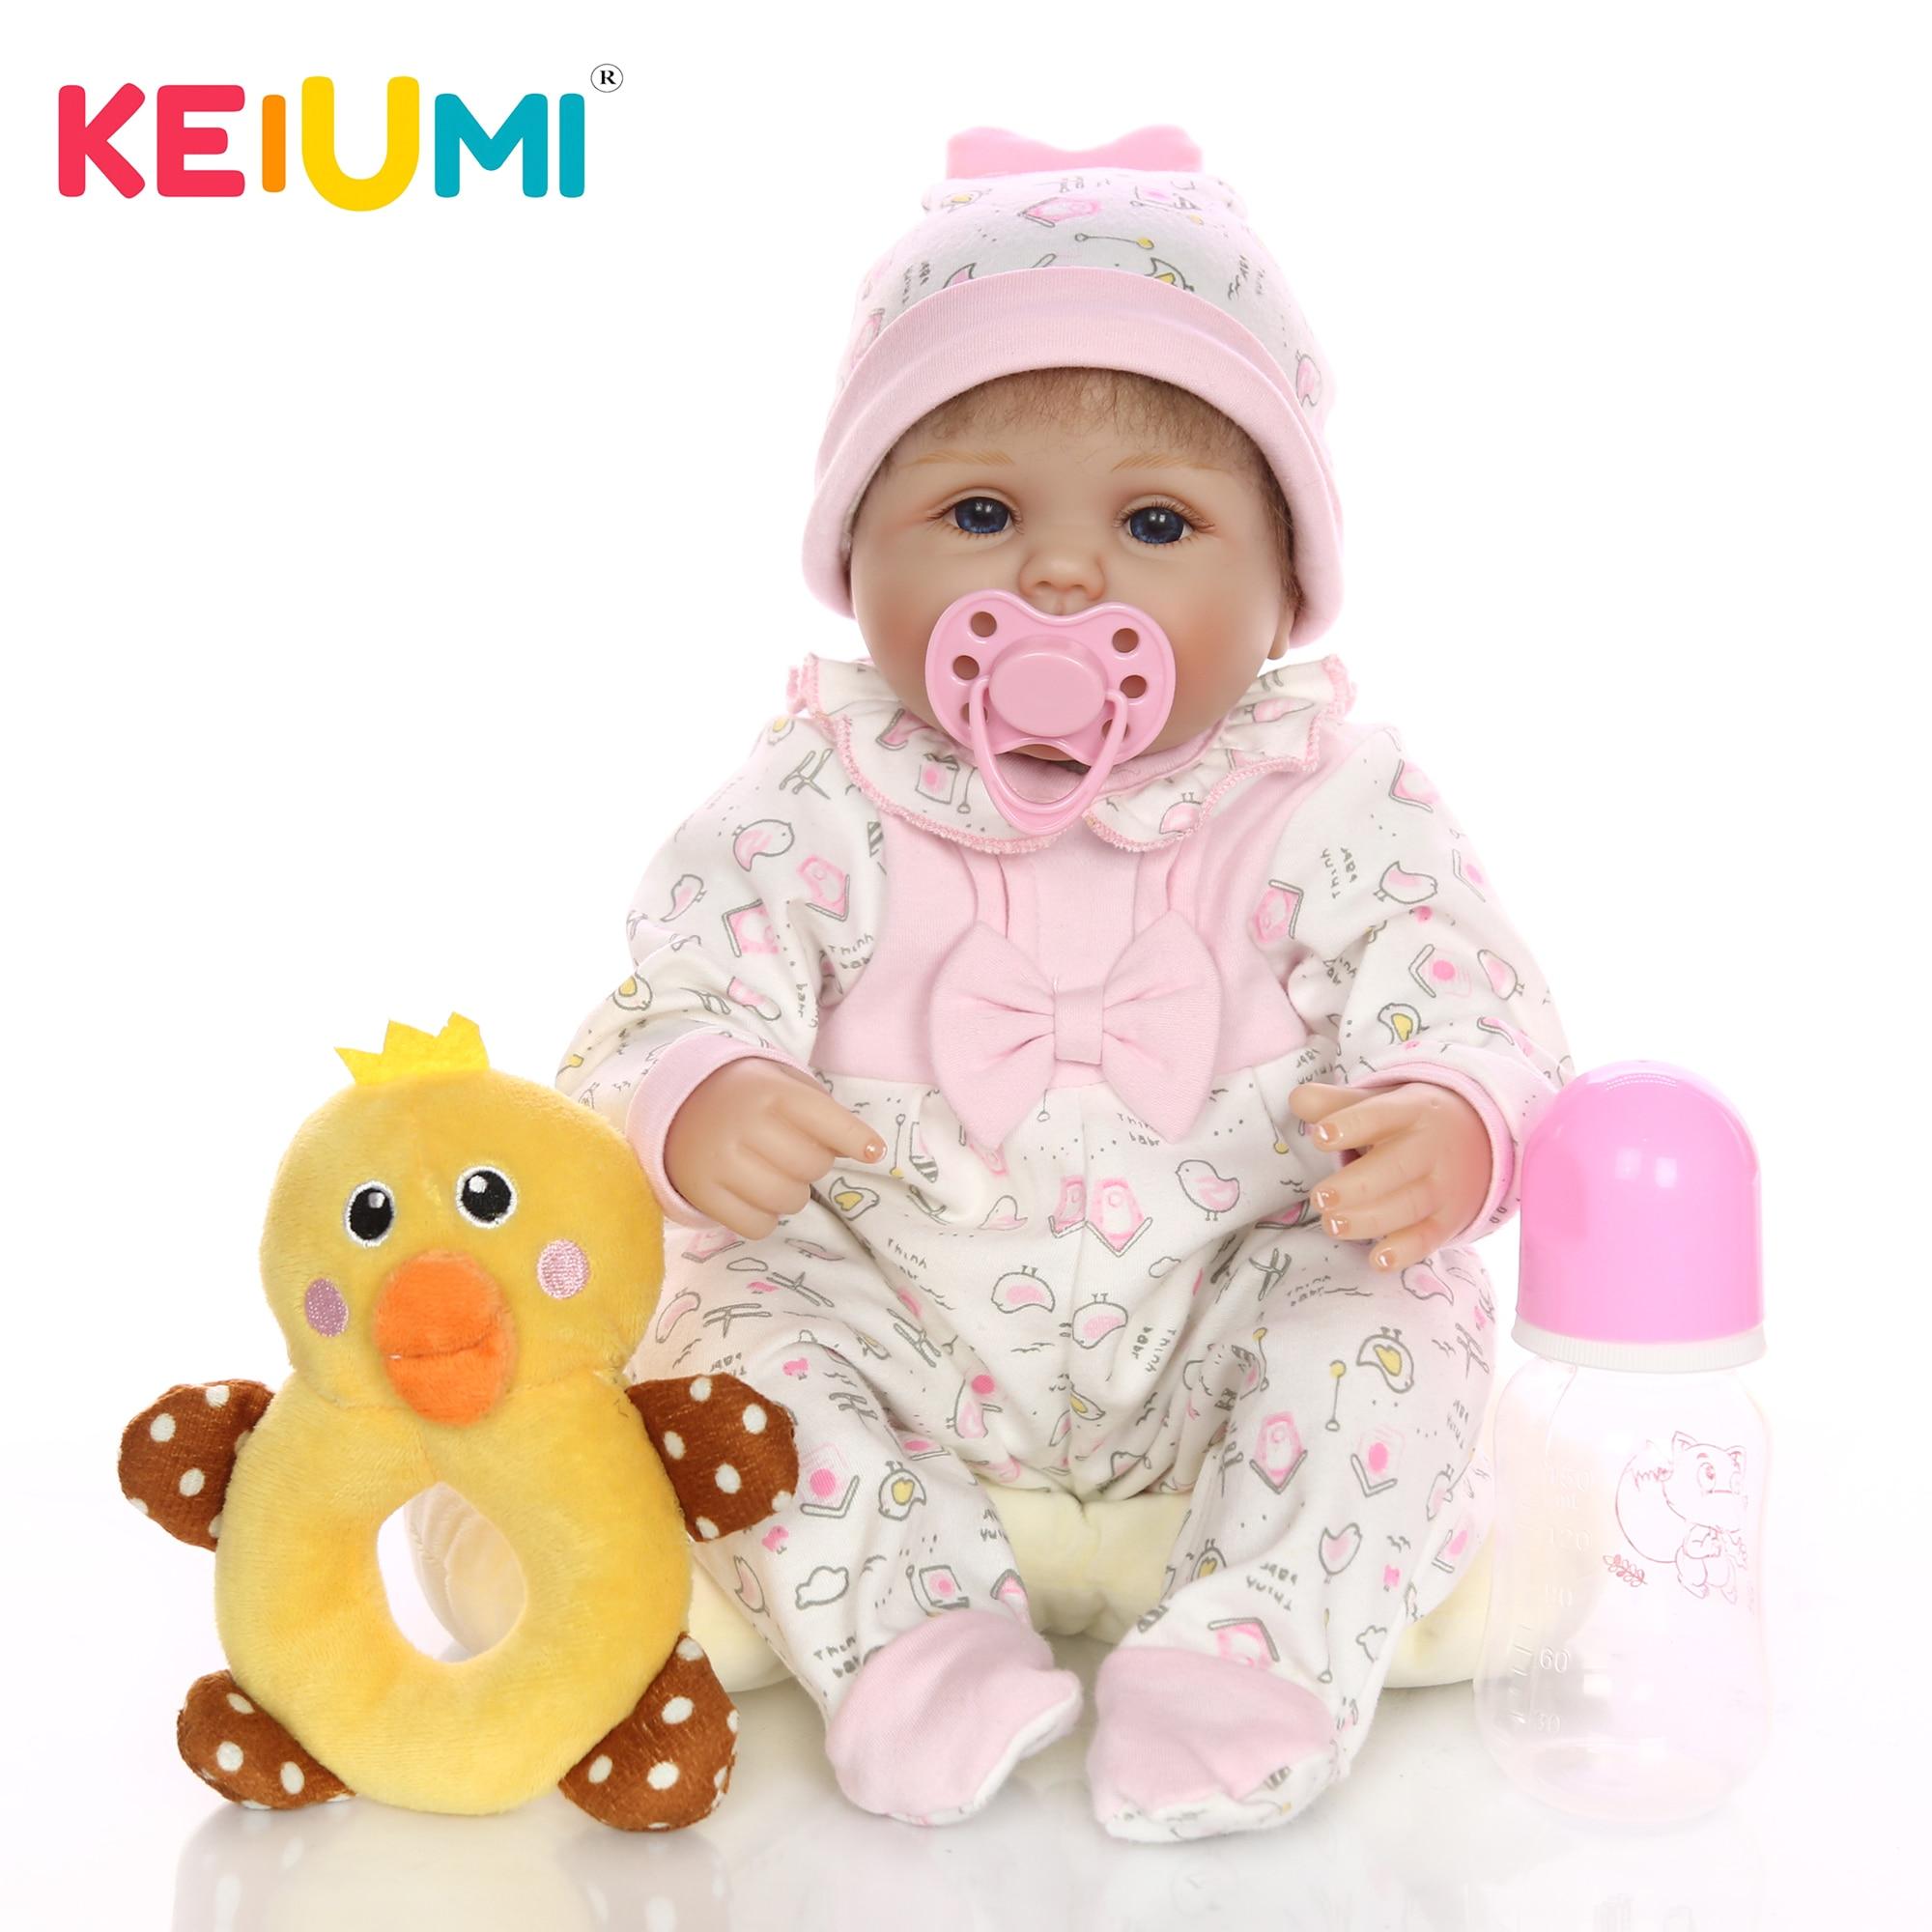 """Keiumi 뜨거운 판매 17 """"42 cm 아기 reborn 소녀 인형 살아있는 실리콘 부드러운 코튼 바디 현실적인 아기 장난감 인형 아이 생일 선물-에서인형부터 완구 & 취미 의  그룹 1"""